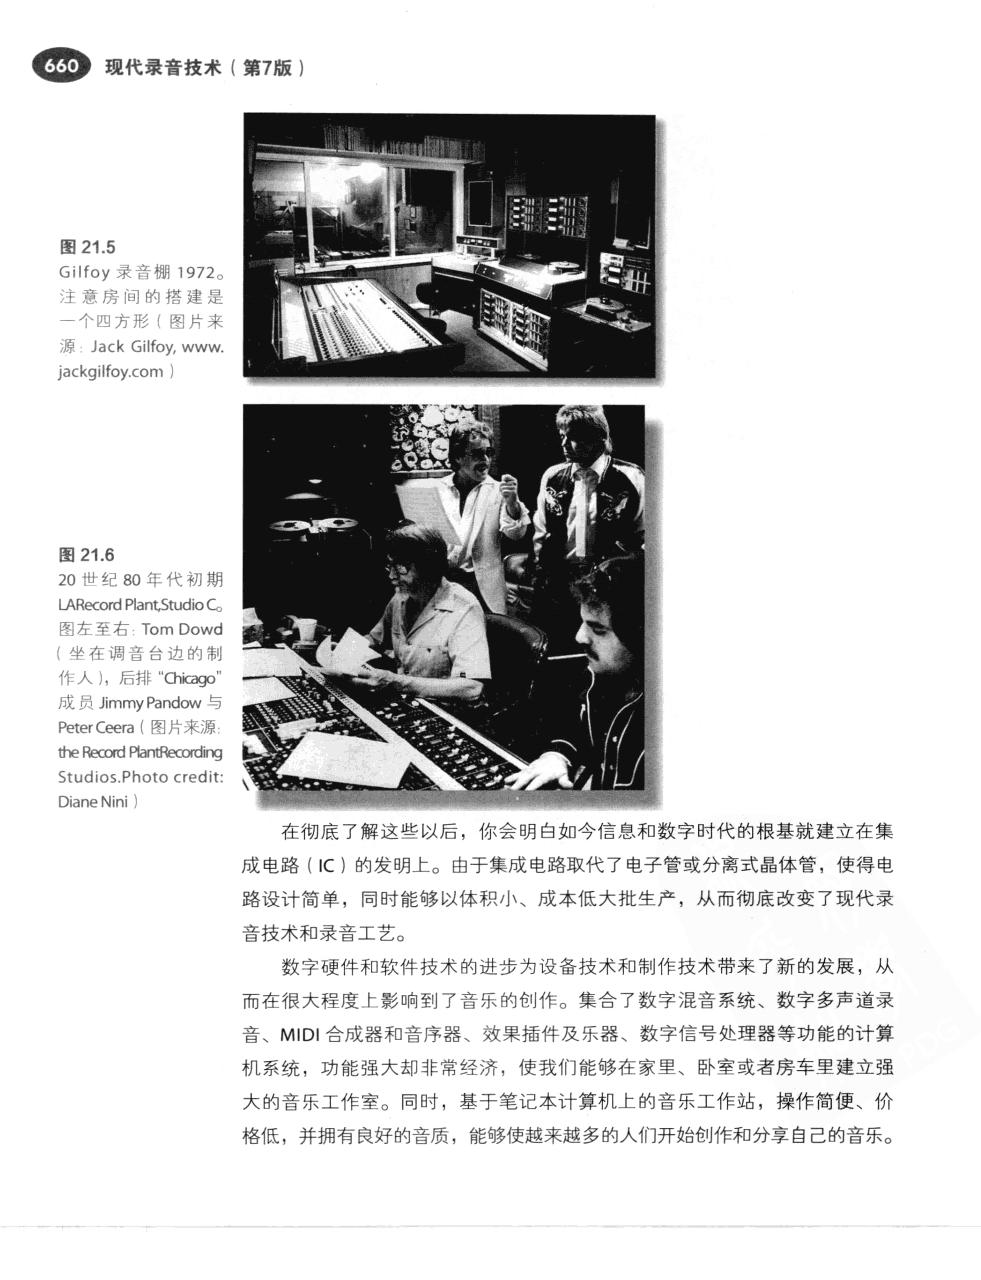 现代录音技术(第7版) 687